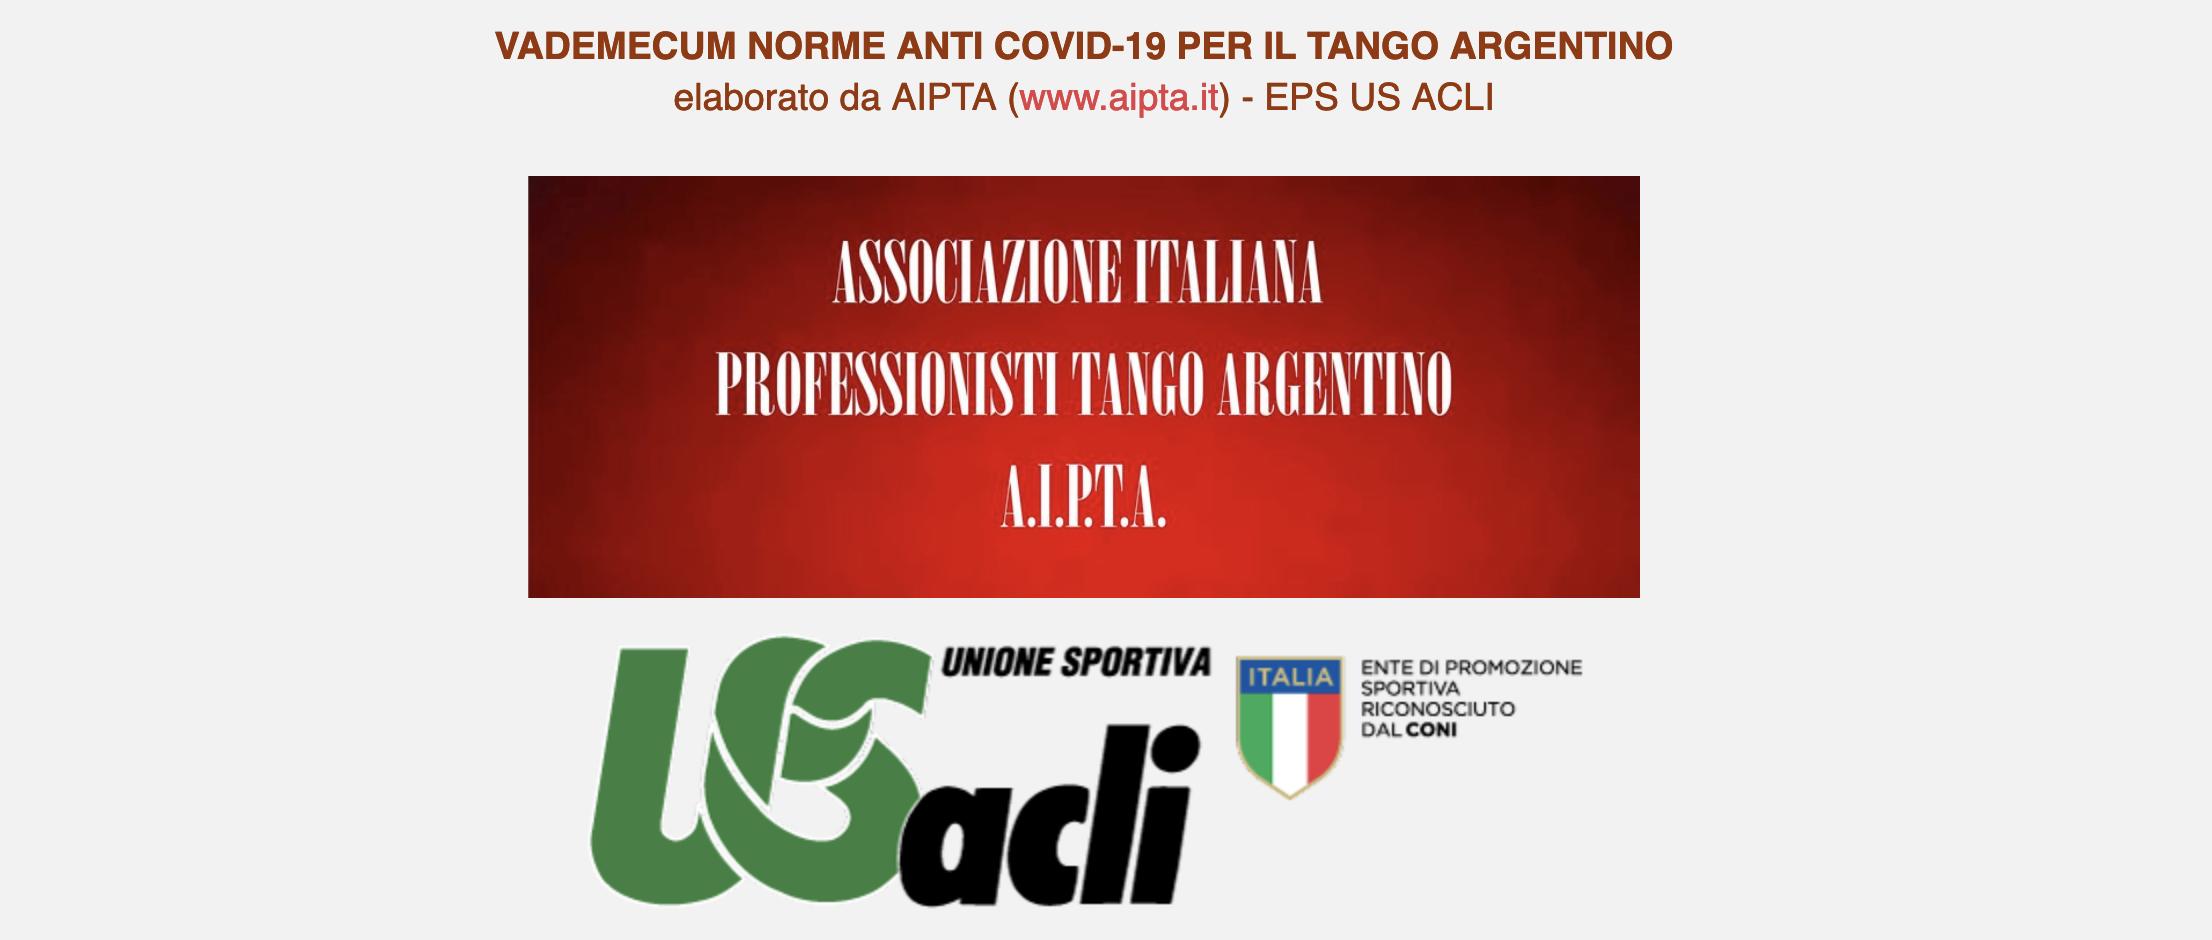 VADEMECUM NORME ANTI COVID-19 PER IL TANGO ARGENTINO